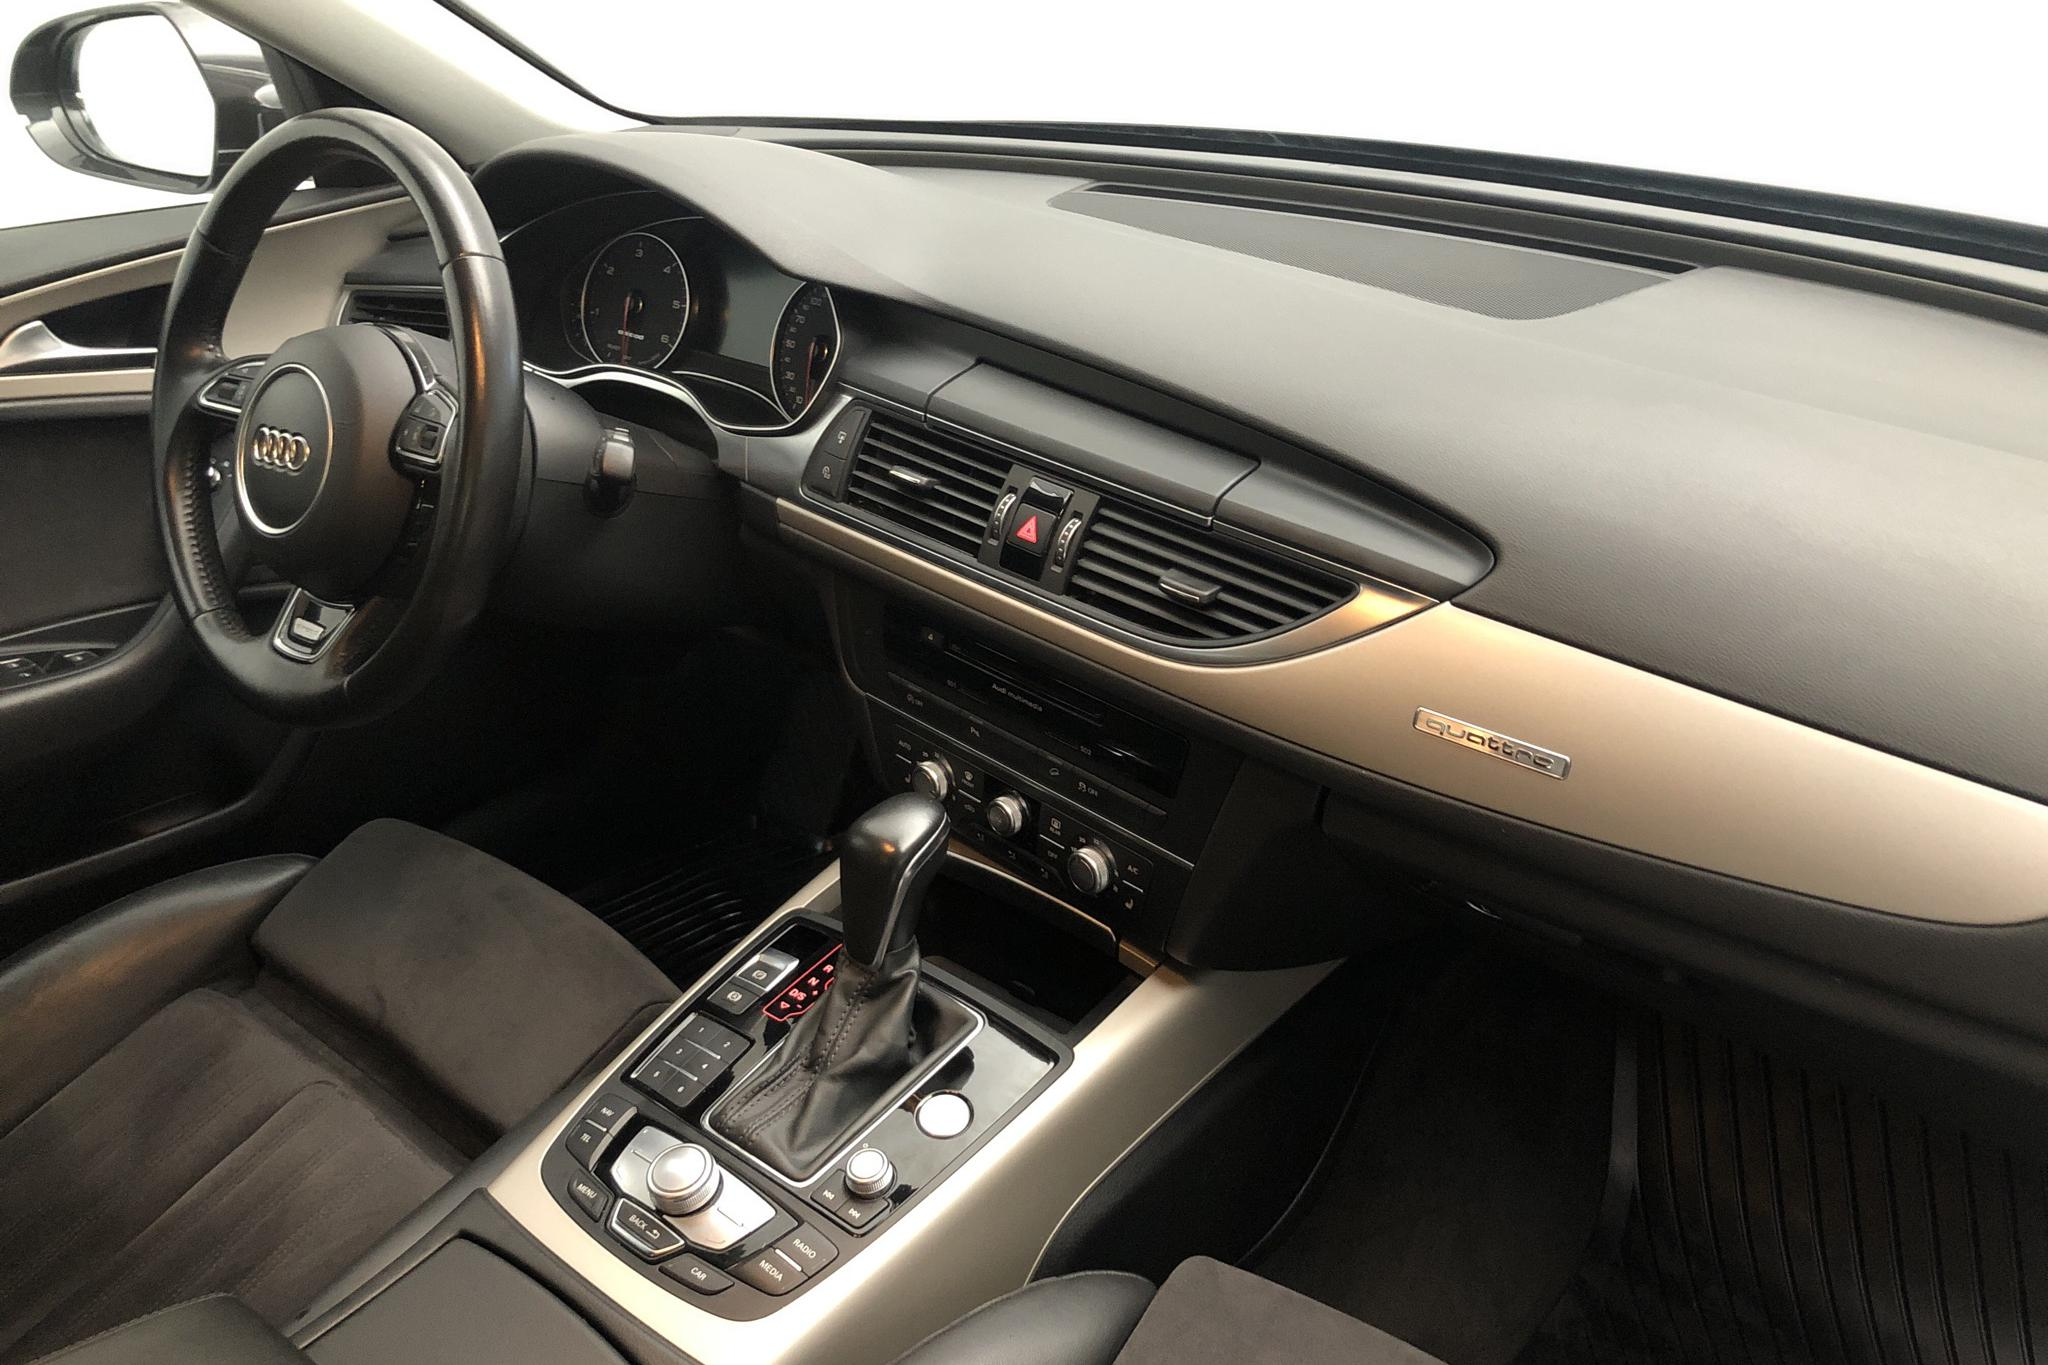 Audi A6 Allroad 3.0 TDI quattro (218hk) - 127 400 km - Automatic - gray - 2016